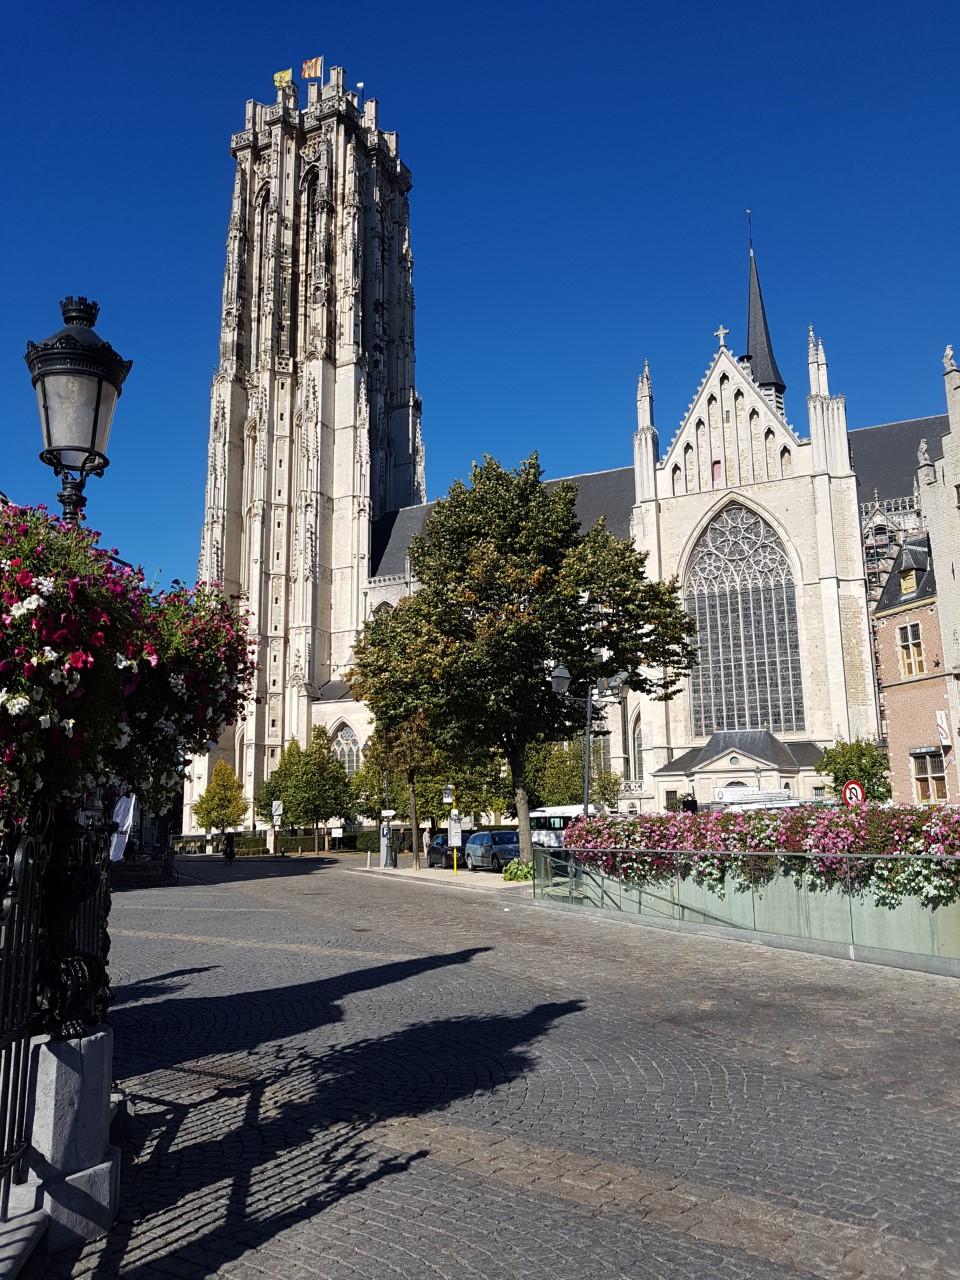 Shoppen en cultuur snuiven in Mechelen